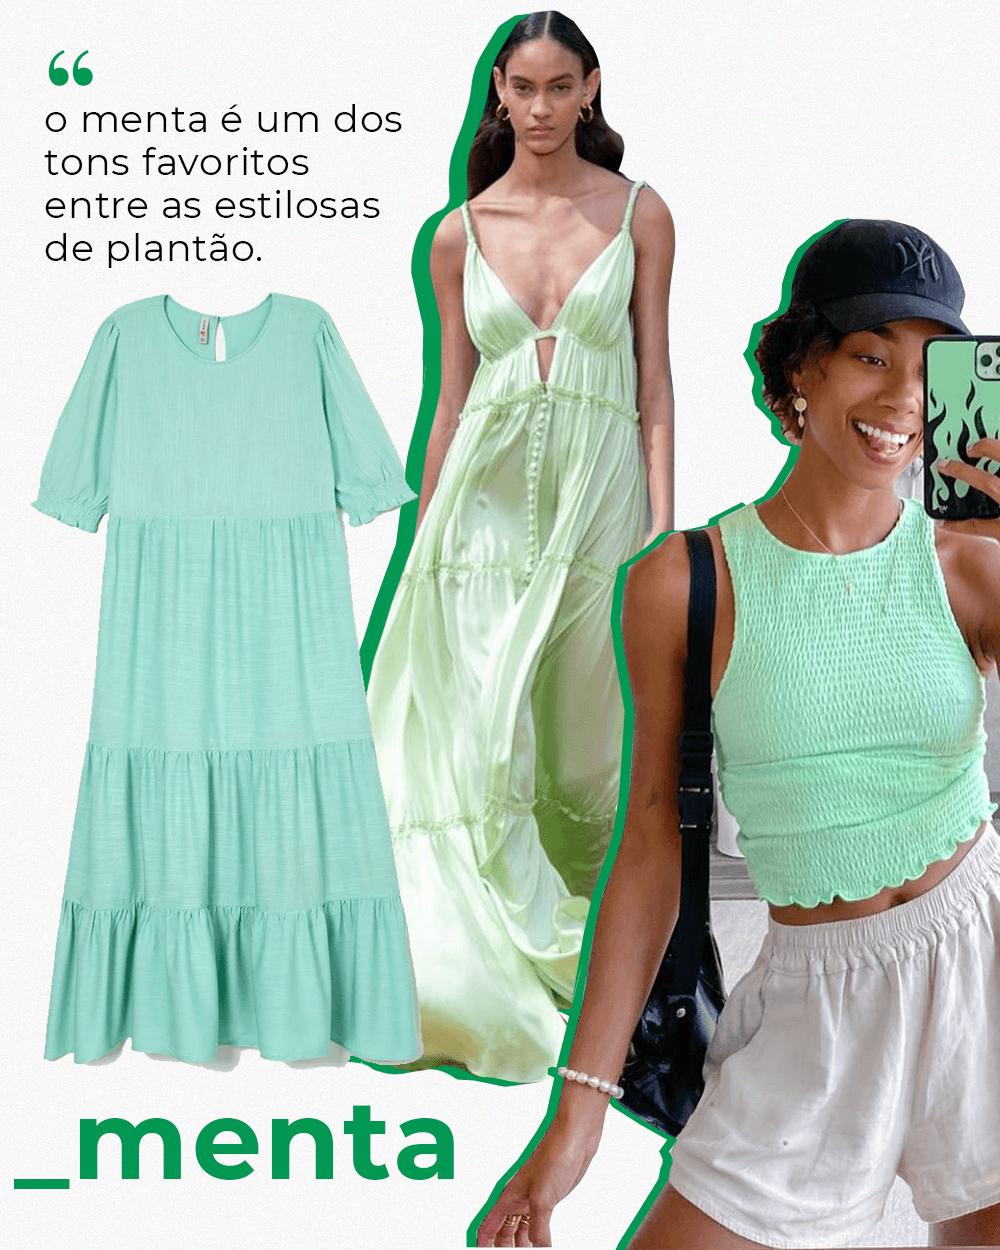 Amaka Hamelijnck - tendências em sale - promoção - verão - street style - https://stealthelook.com.br